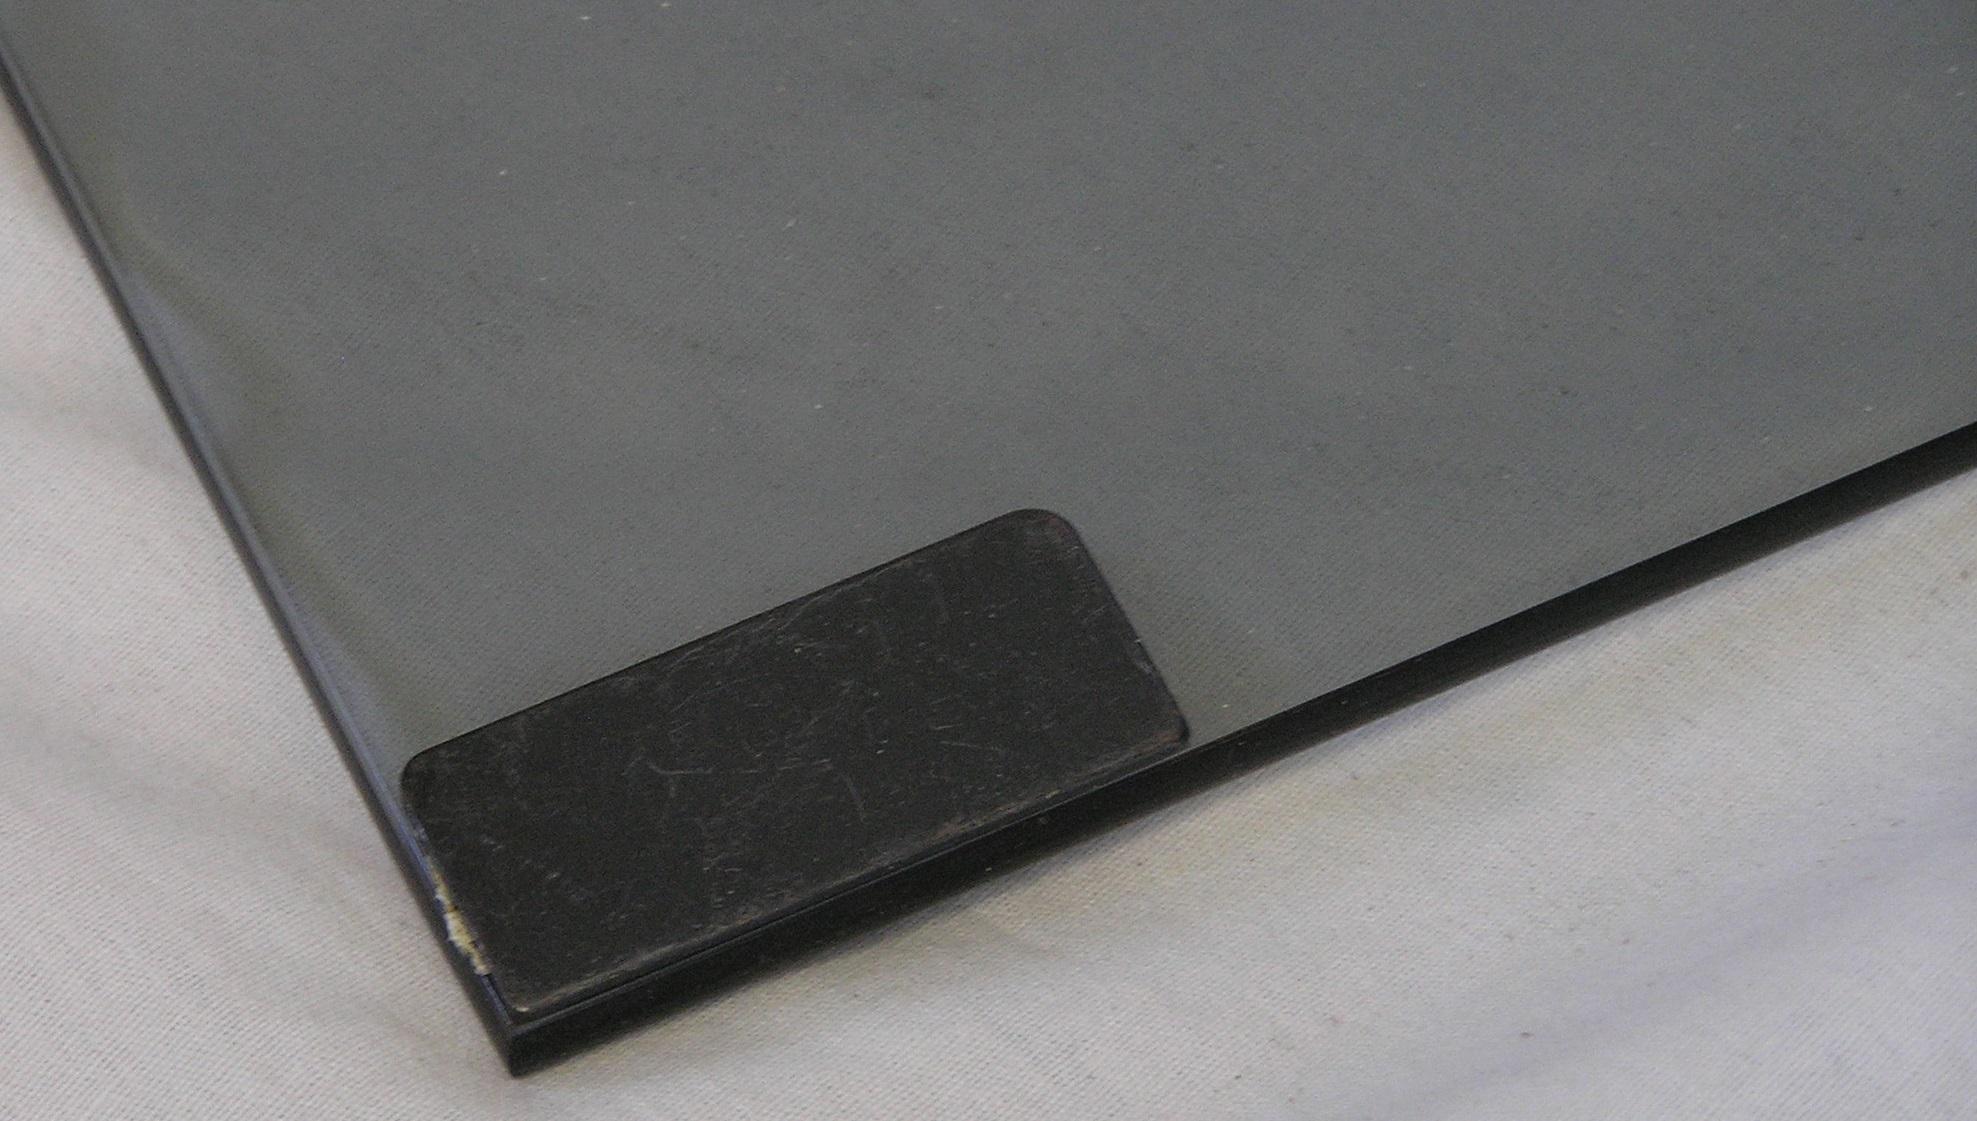 black-knife-hinge-photos-005.jpg